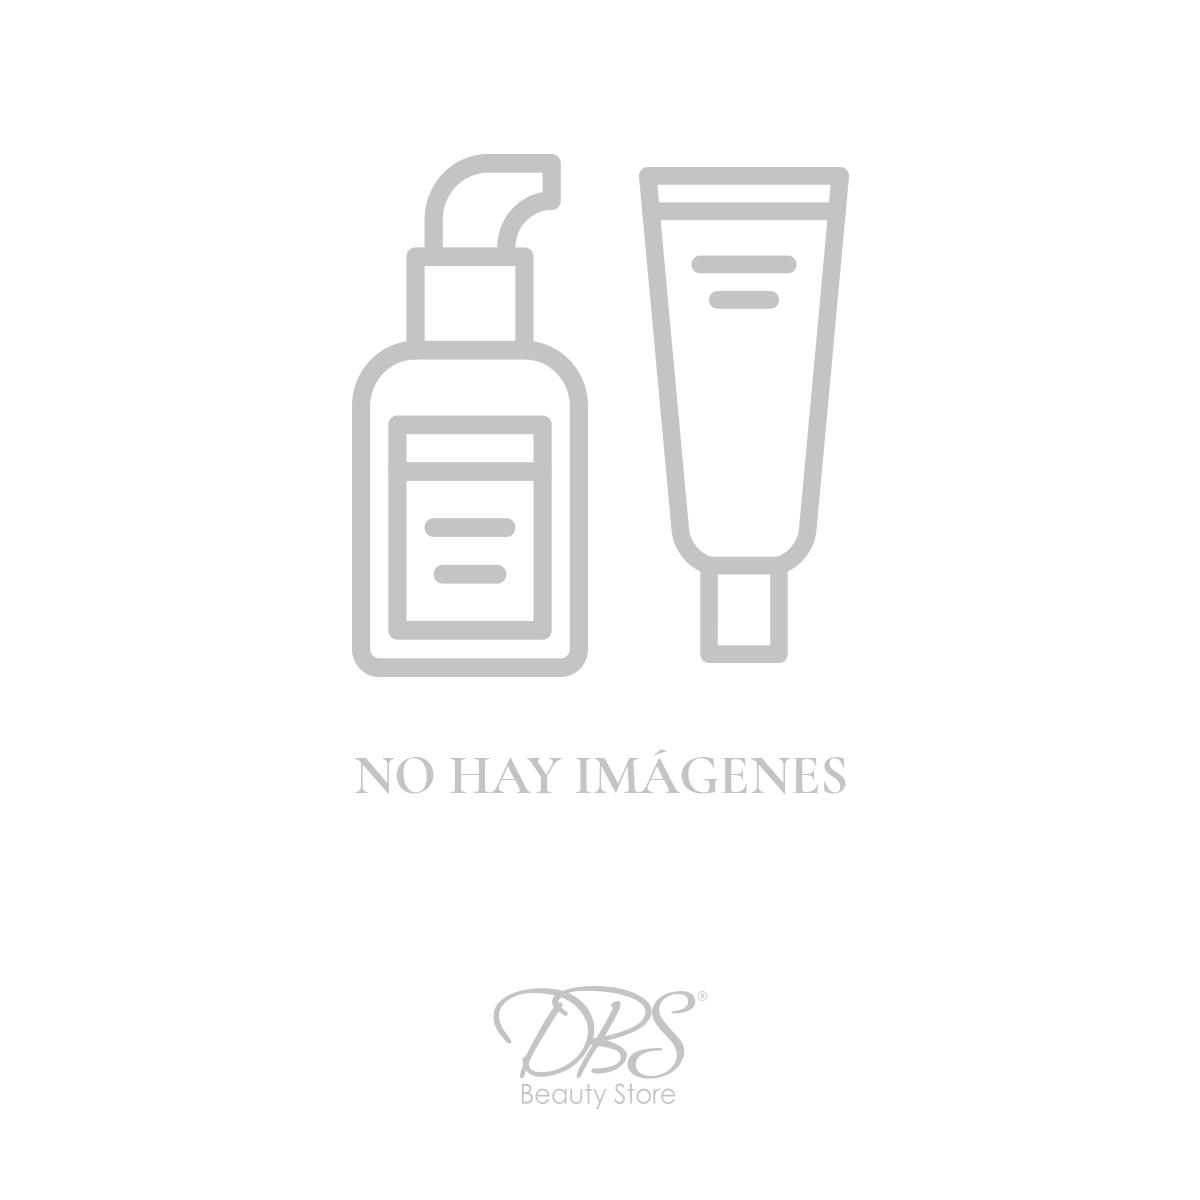 Spray Facial Nutrientes Organic Wear